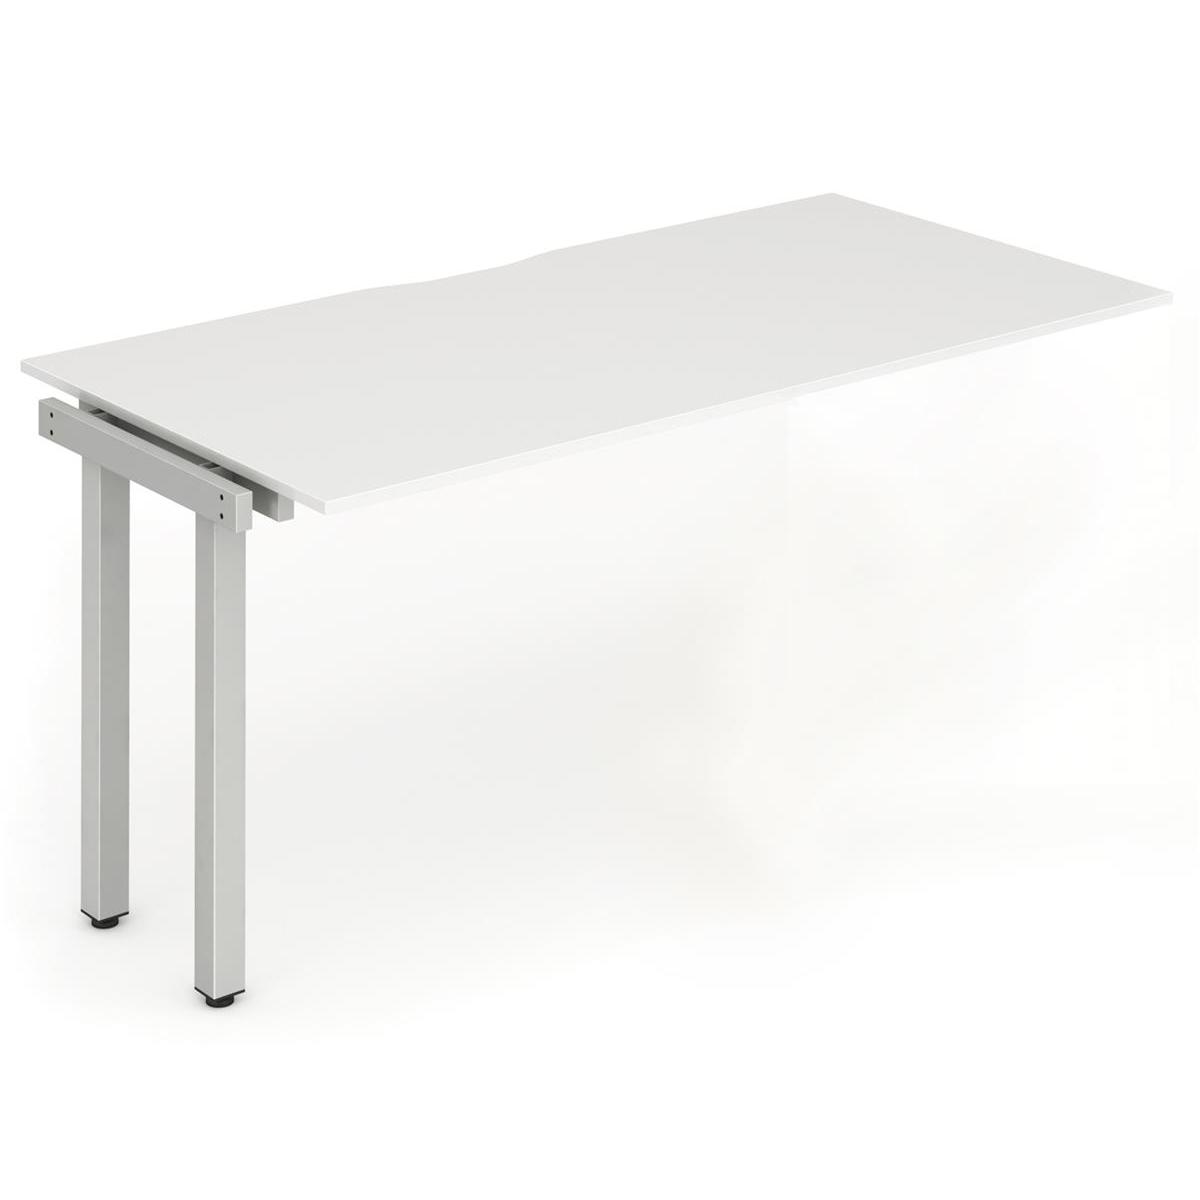 Trexus Bench Desk Single Extension Silver Leg 1600x800mm White Ref BE330